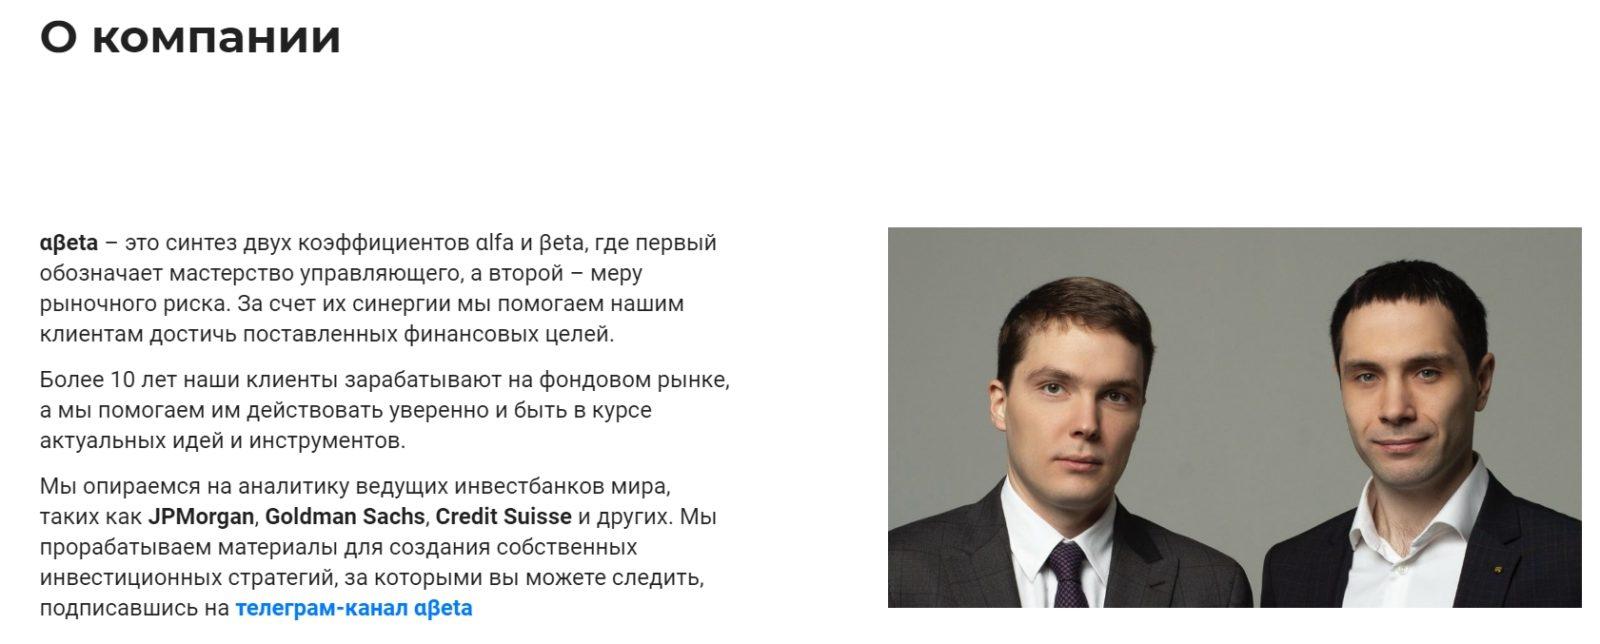 Проект ABETA Capital Дмитрия Котегова и Василия Белокрылецкого